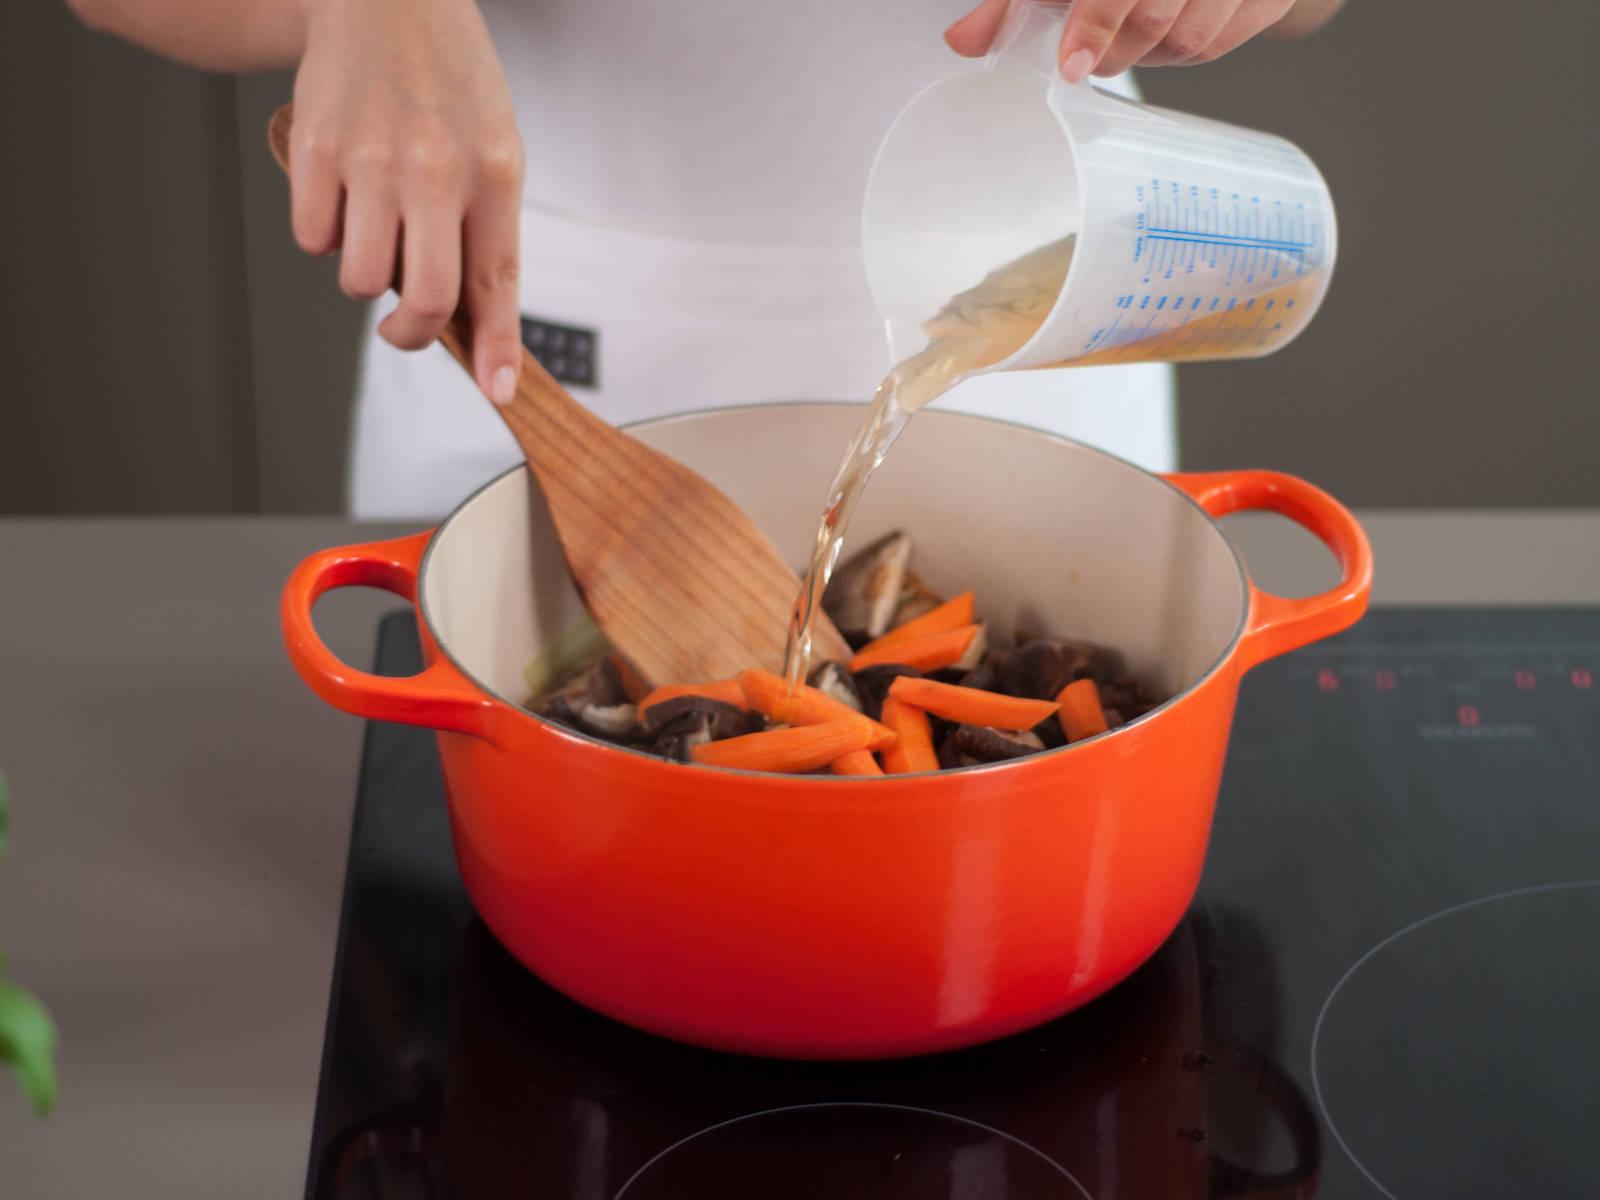 向锅中加入香菇、胡萝卜、栗子与留存的香菇水。待汤汁煮沸后,调至低温,加盖继续炖煮25-30分钟,并不时搅拌,至鸡肉煮熟,胡萝卜变软。可盖在米饭上享用!